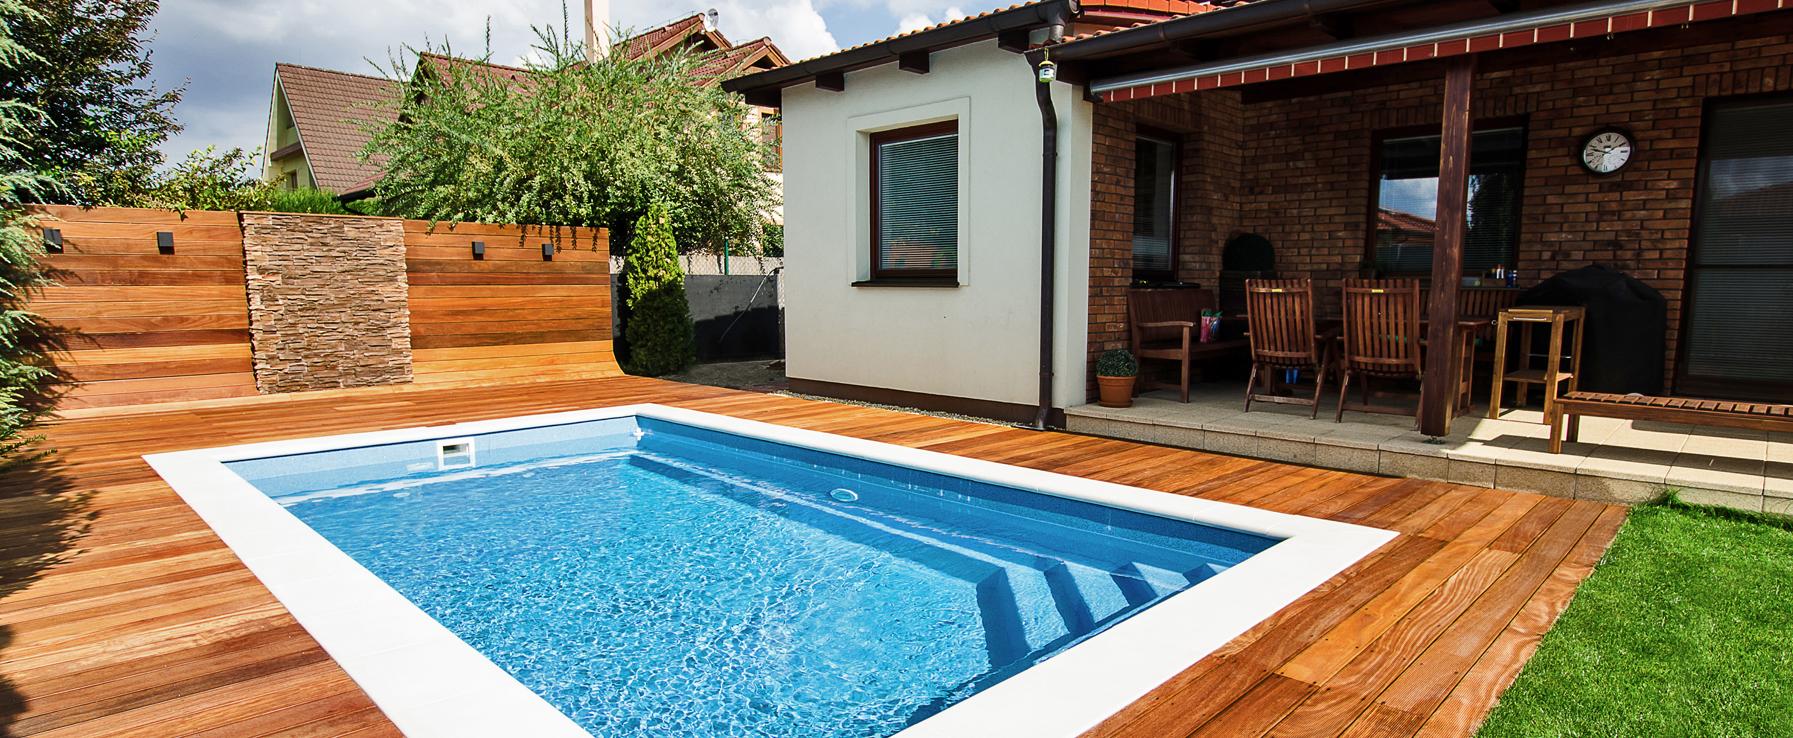 Portoliu galerie piscine realizate pool control oradea for Constructii piscine romania